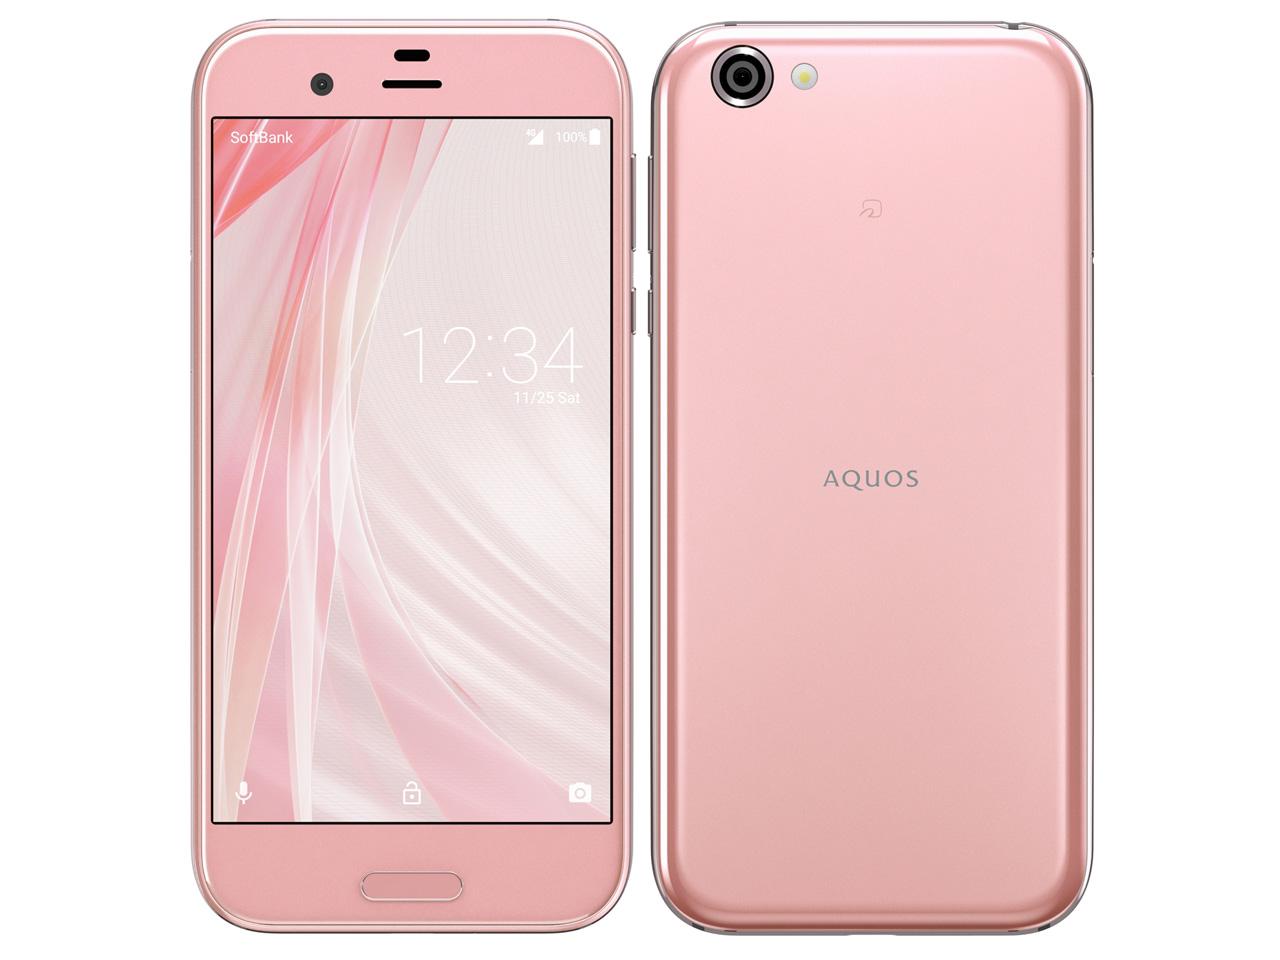 白ロム SoftBank 【ネットワーク利用制限▲】AQUOS R 605SH Aurora Pink[中古Bランク]【当社3ヶ月間保証】 スマホ 中古 本体 送料無料【中古】 【 中古スマホとタブレット販売のイオシス 】